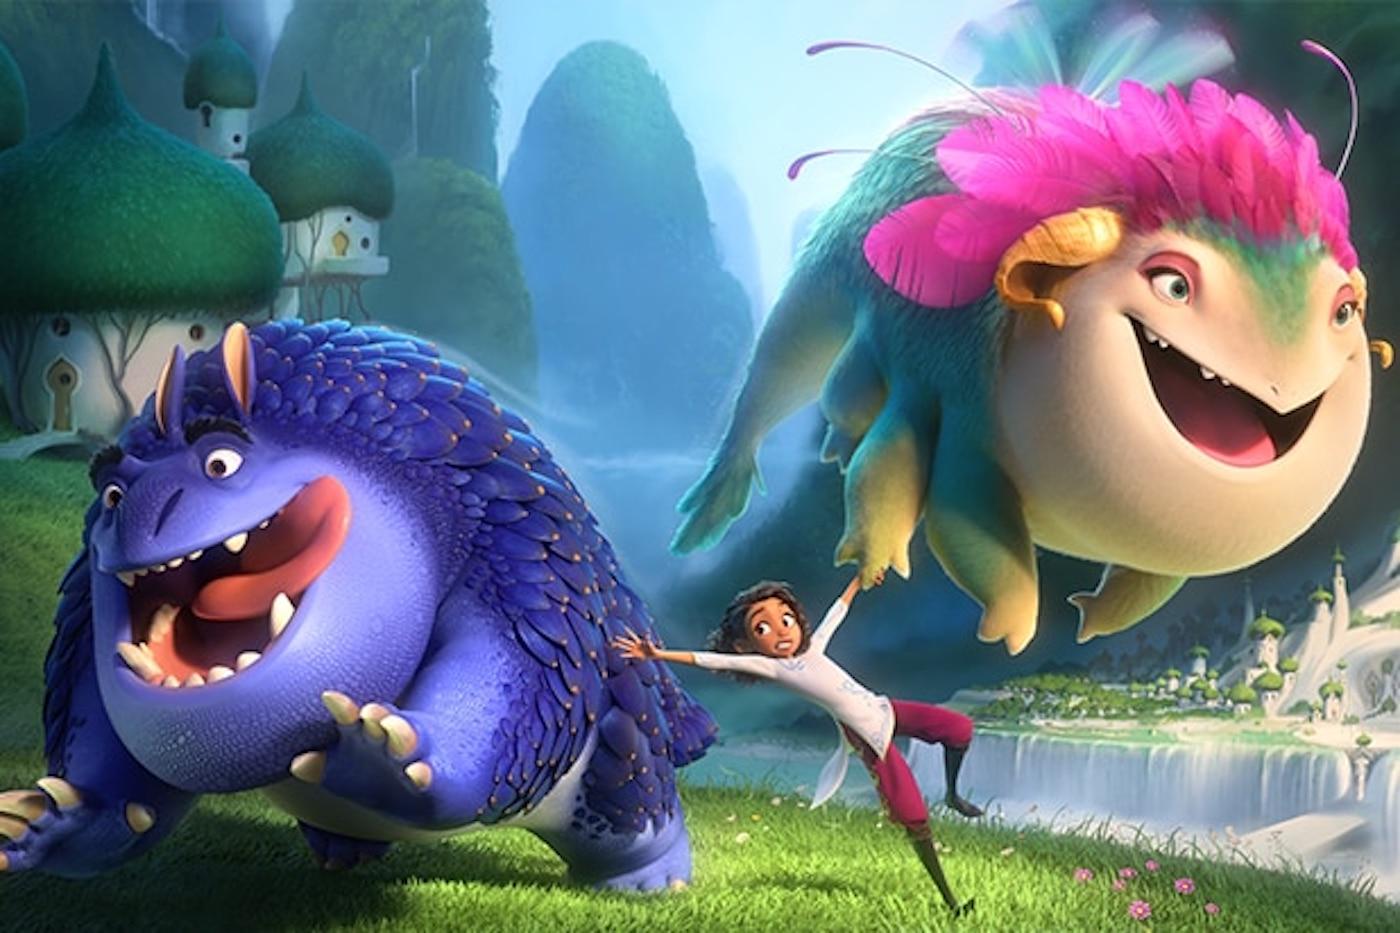 Apple TV+ e Skydance Animation, firmato l'accordo per nuovi film